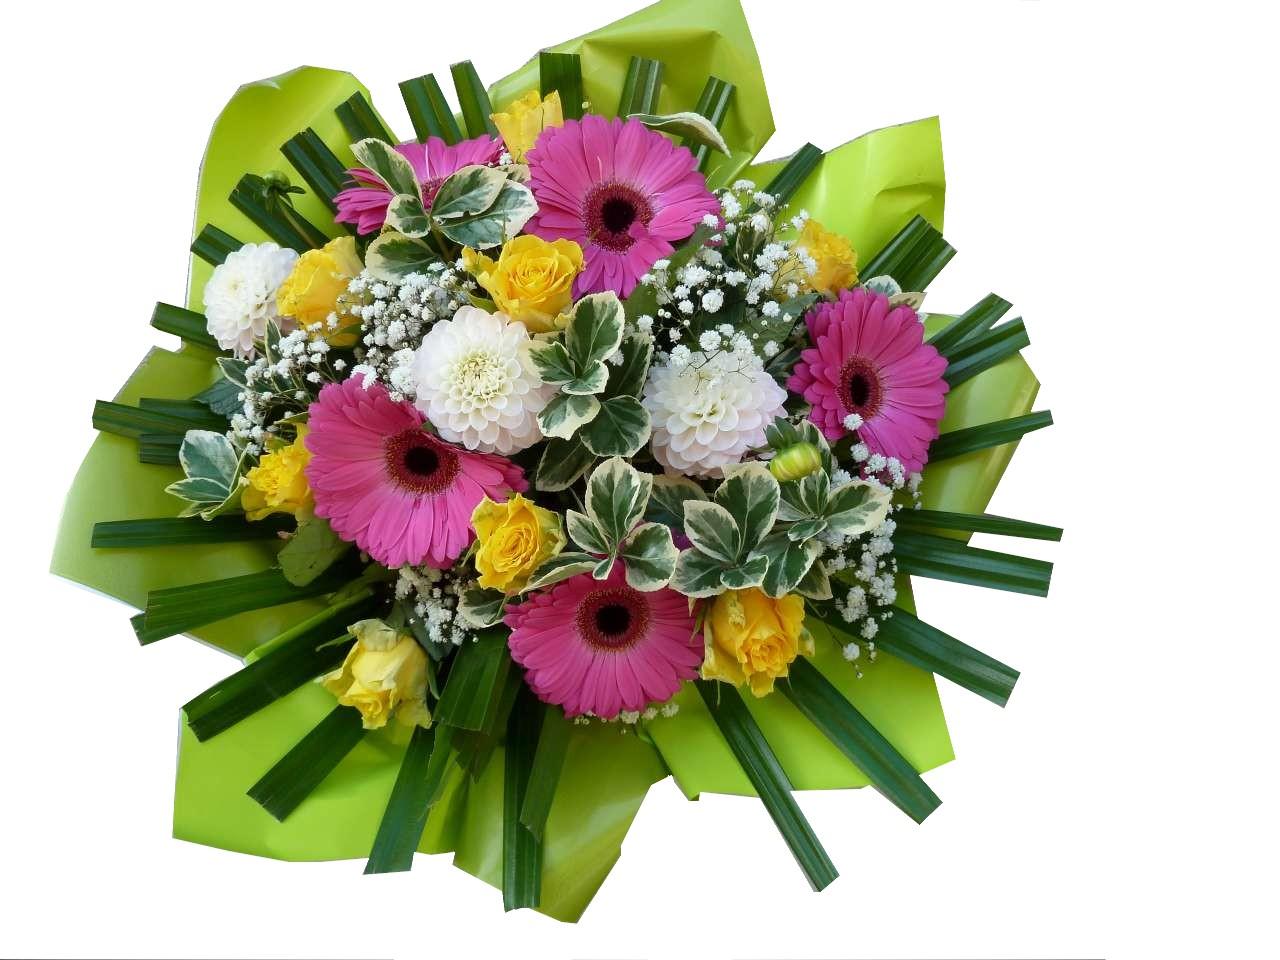 livraison fleur dimanche l 39 atelier des fleurs. Black Bedroom Furniture Sets. Home Design Ideas